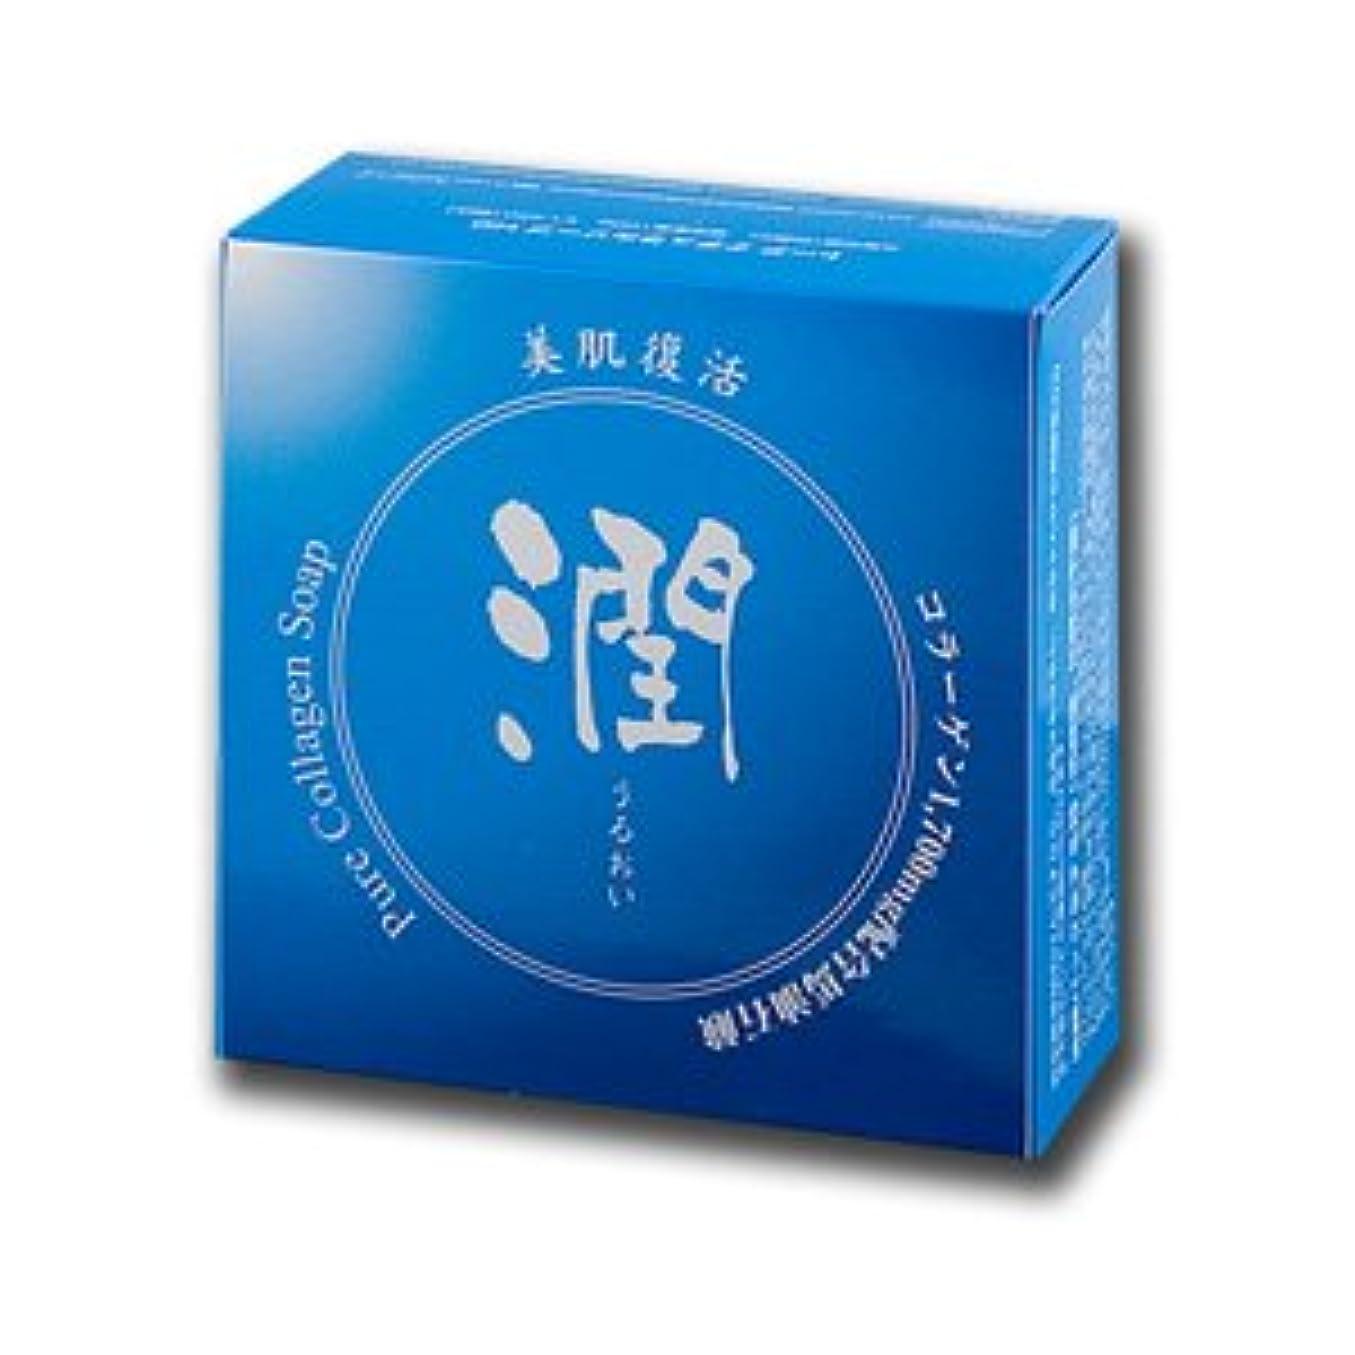 郊外ほこりロードされたコラーゲン馬油石鹸 潤 100g (#800410) ×10個セット